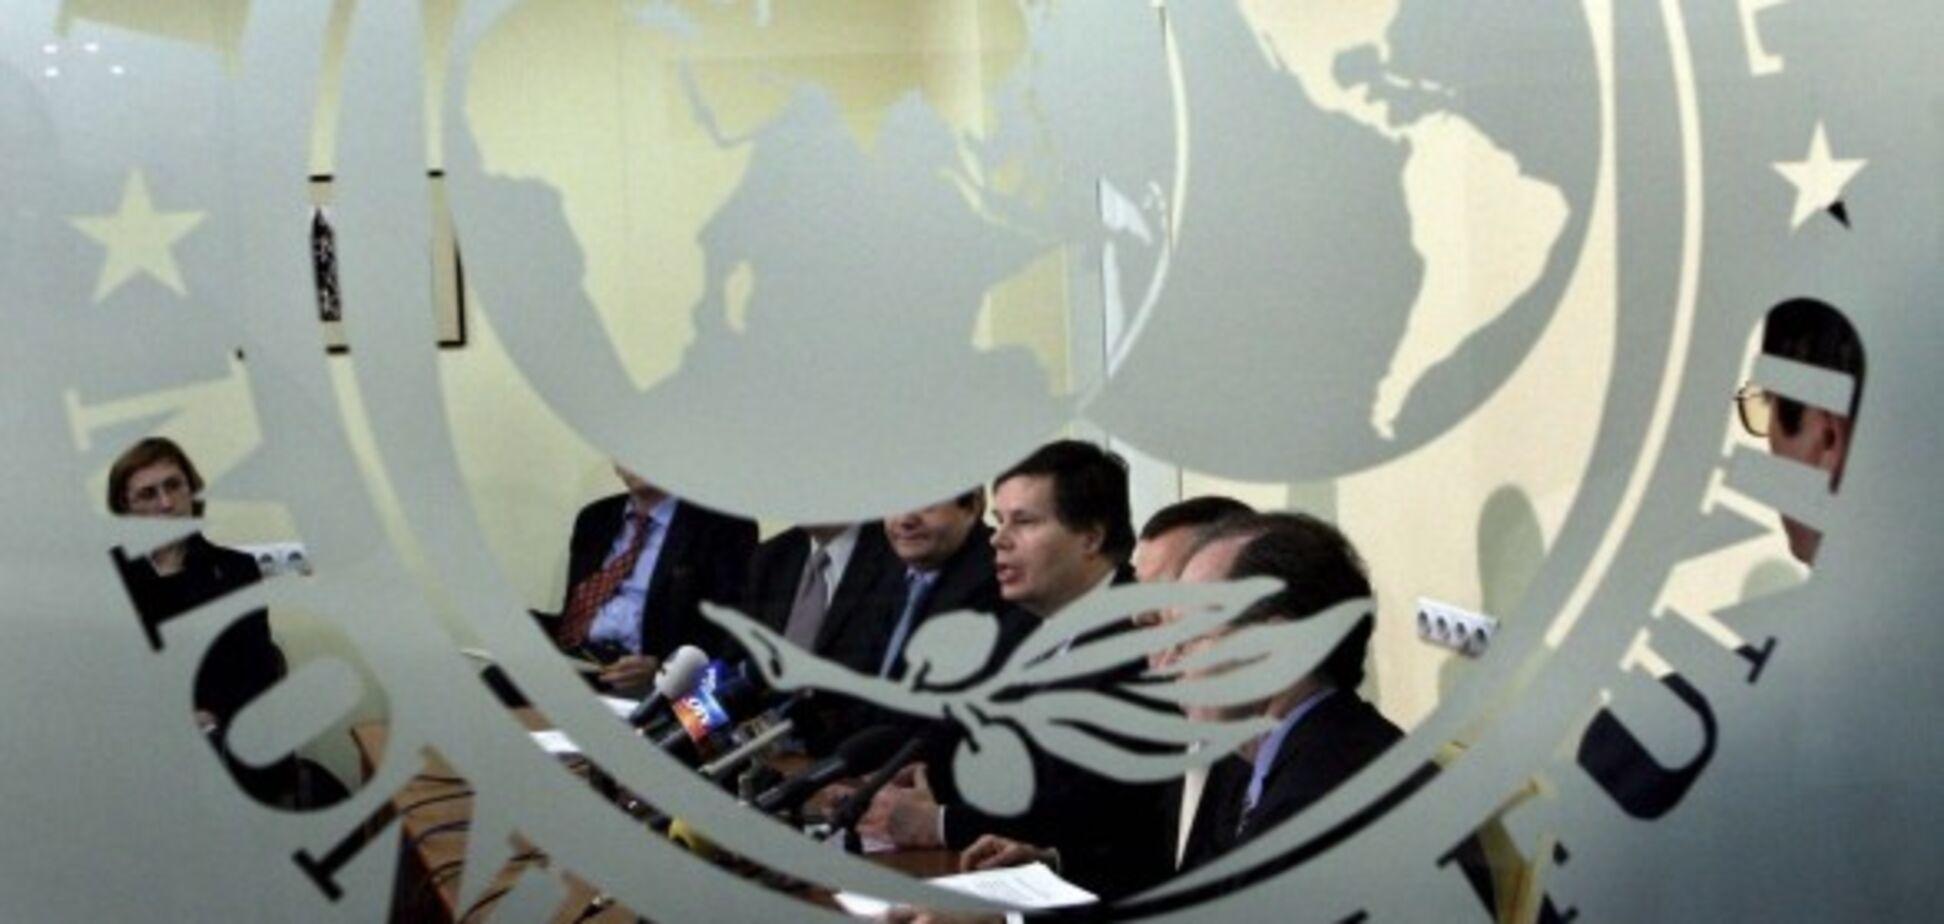 Украина выполнит обязательства перед МВФ: в Кабмине рассказали о переговорах